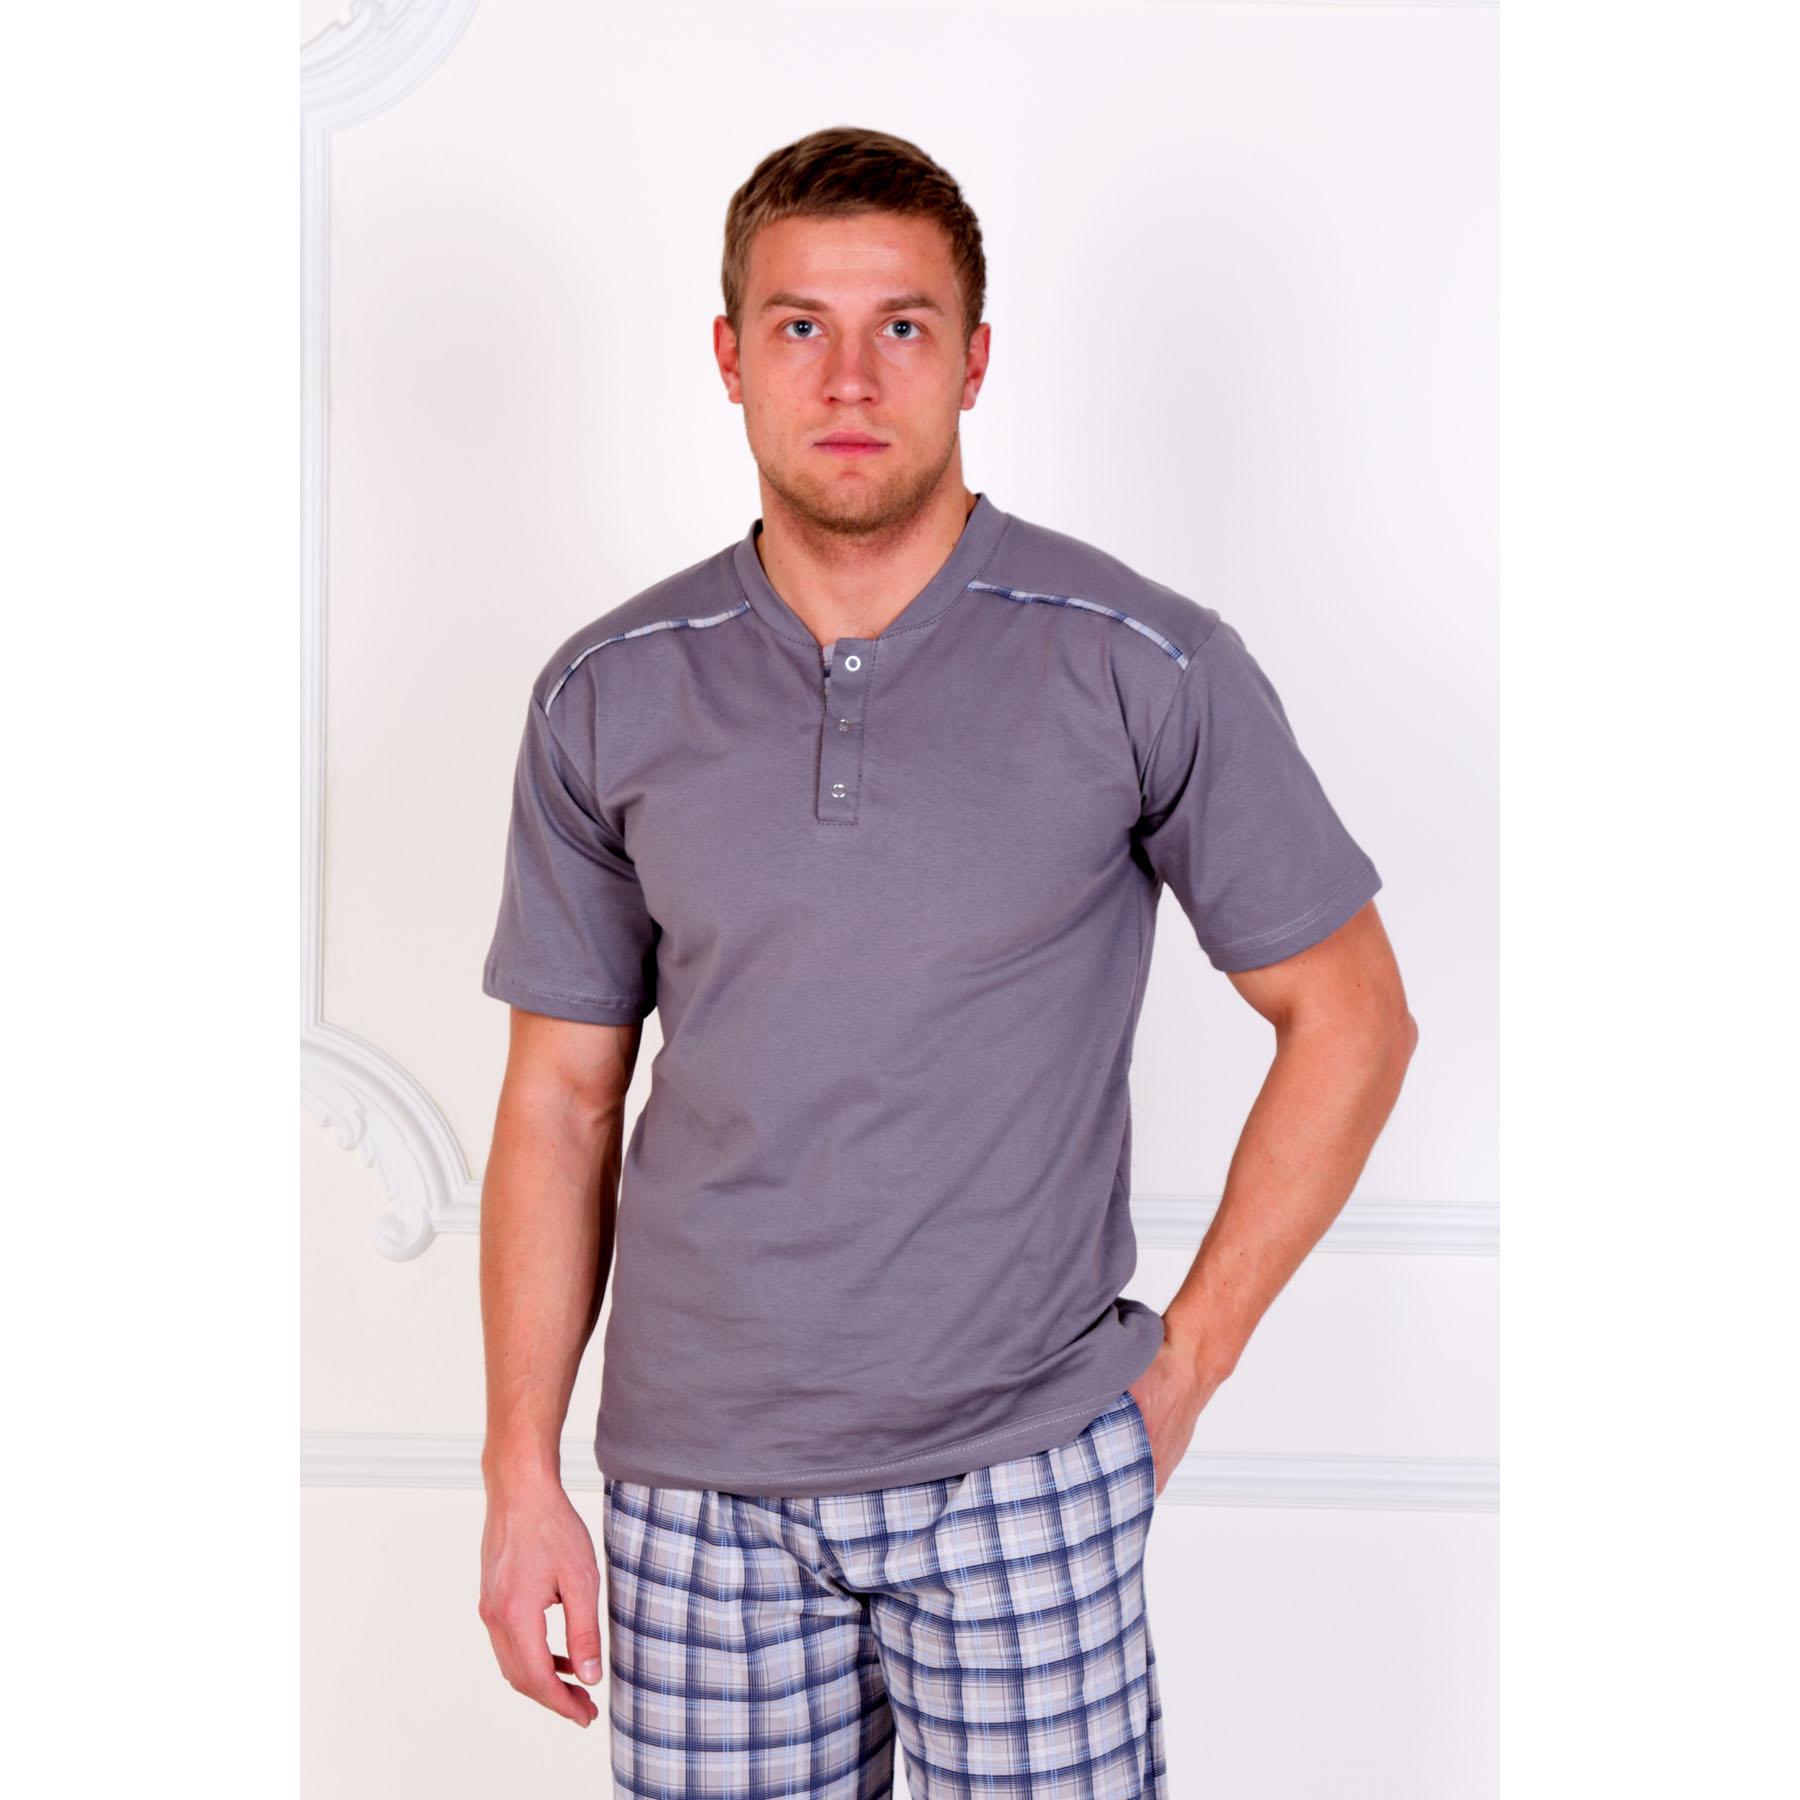 Мужской костюм  Клетка  Серый, размер 70 - Мужская одежда артикул: 24988